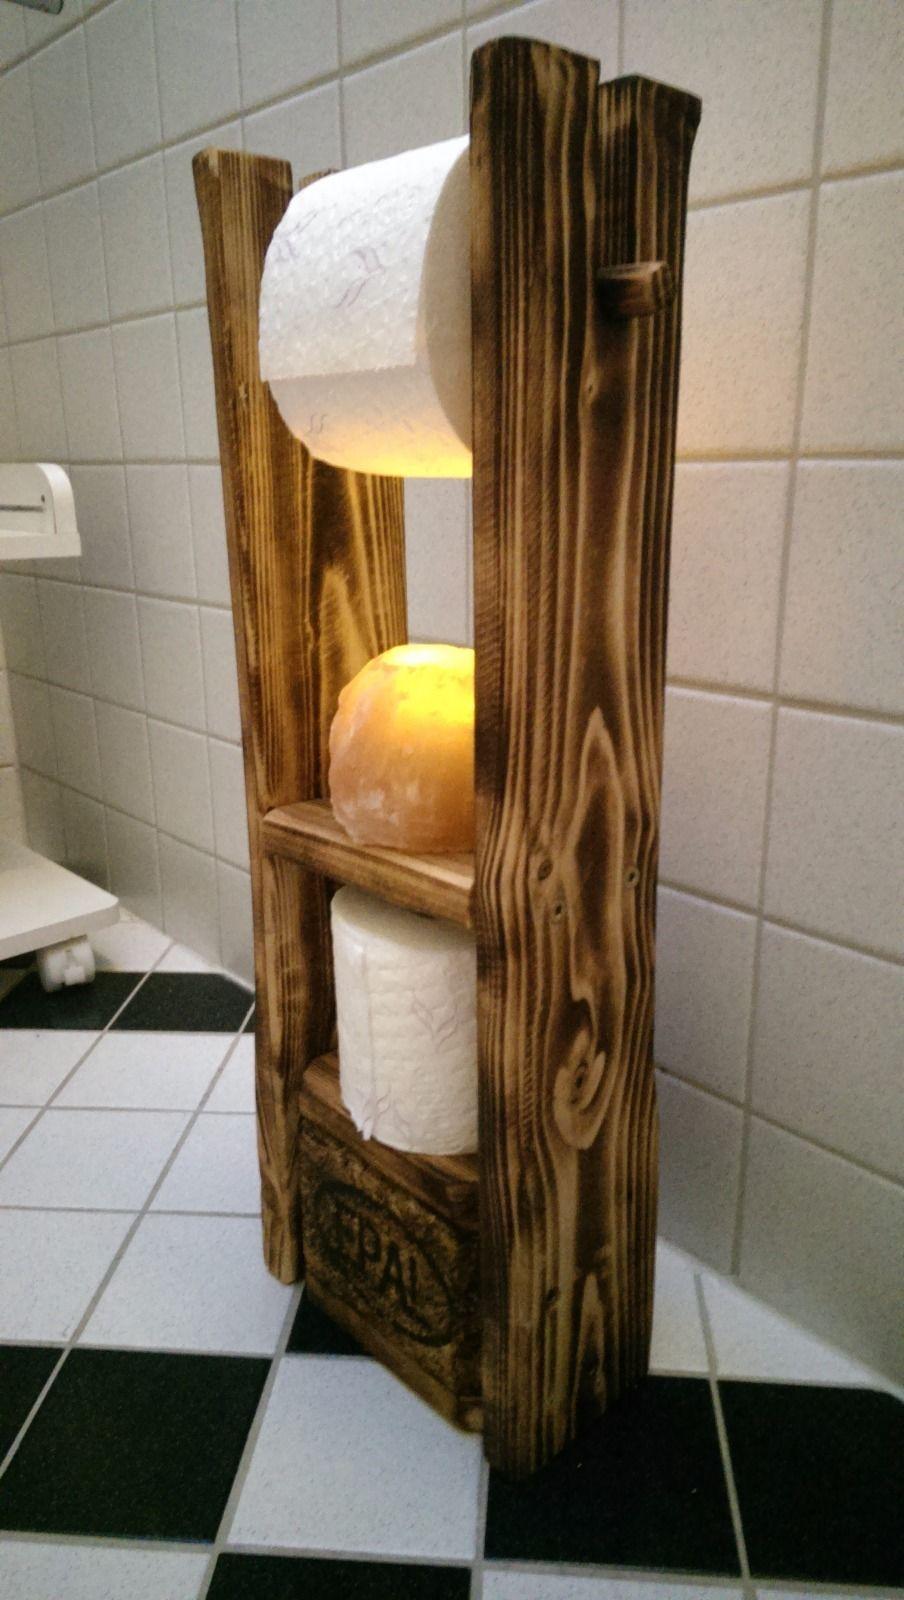 Toilettenpapierhalter Palettenmöbel Geschenk Idee Loftstyle